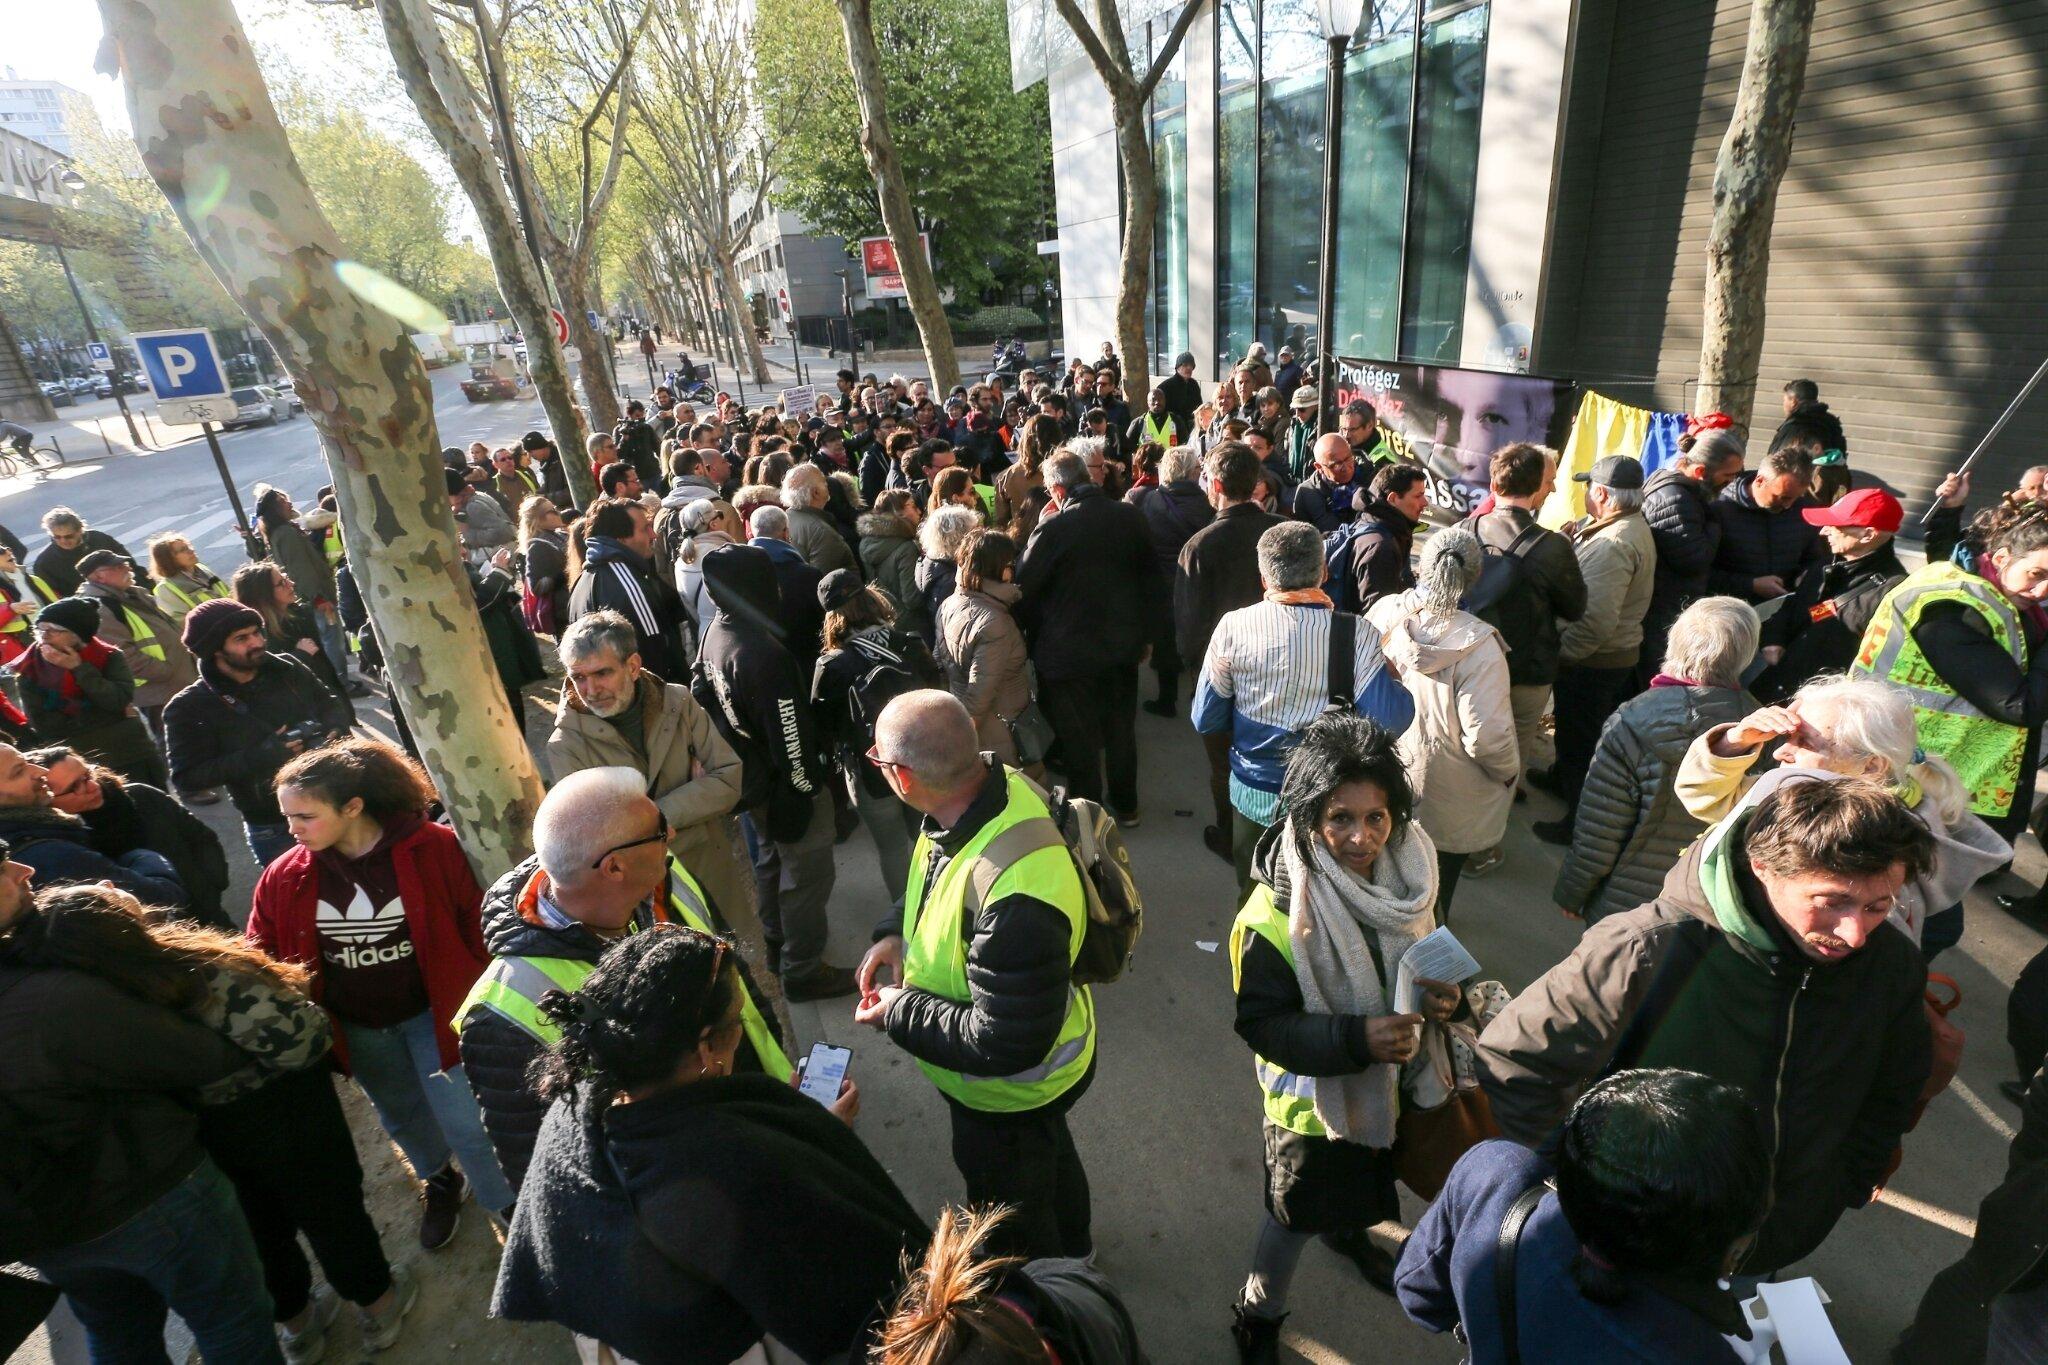 Rassemblement en soutien à Julian Assange. © Michel Stoupak. Sam 13.04.2019, 17h54m41.